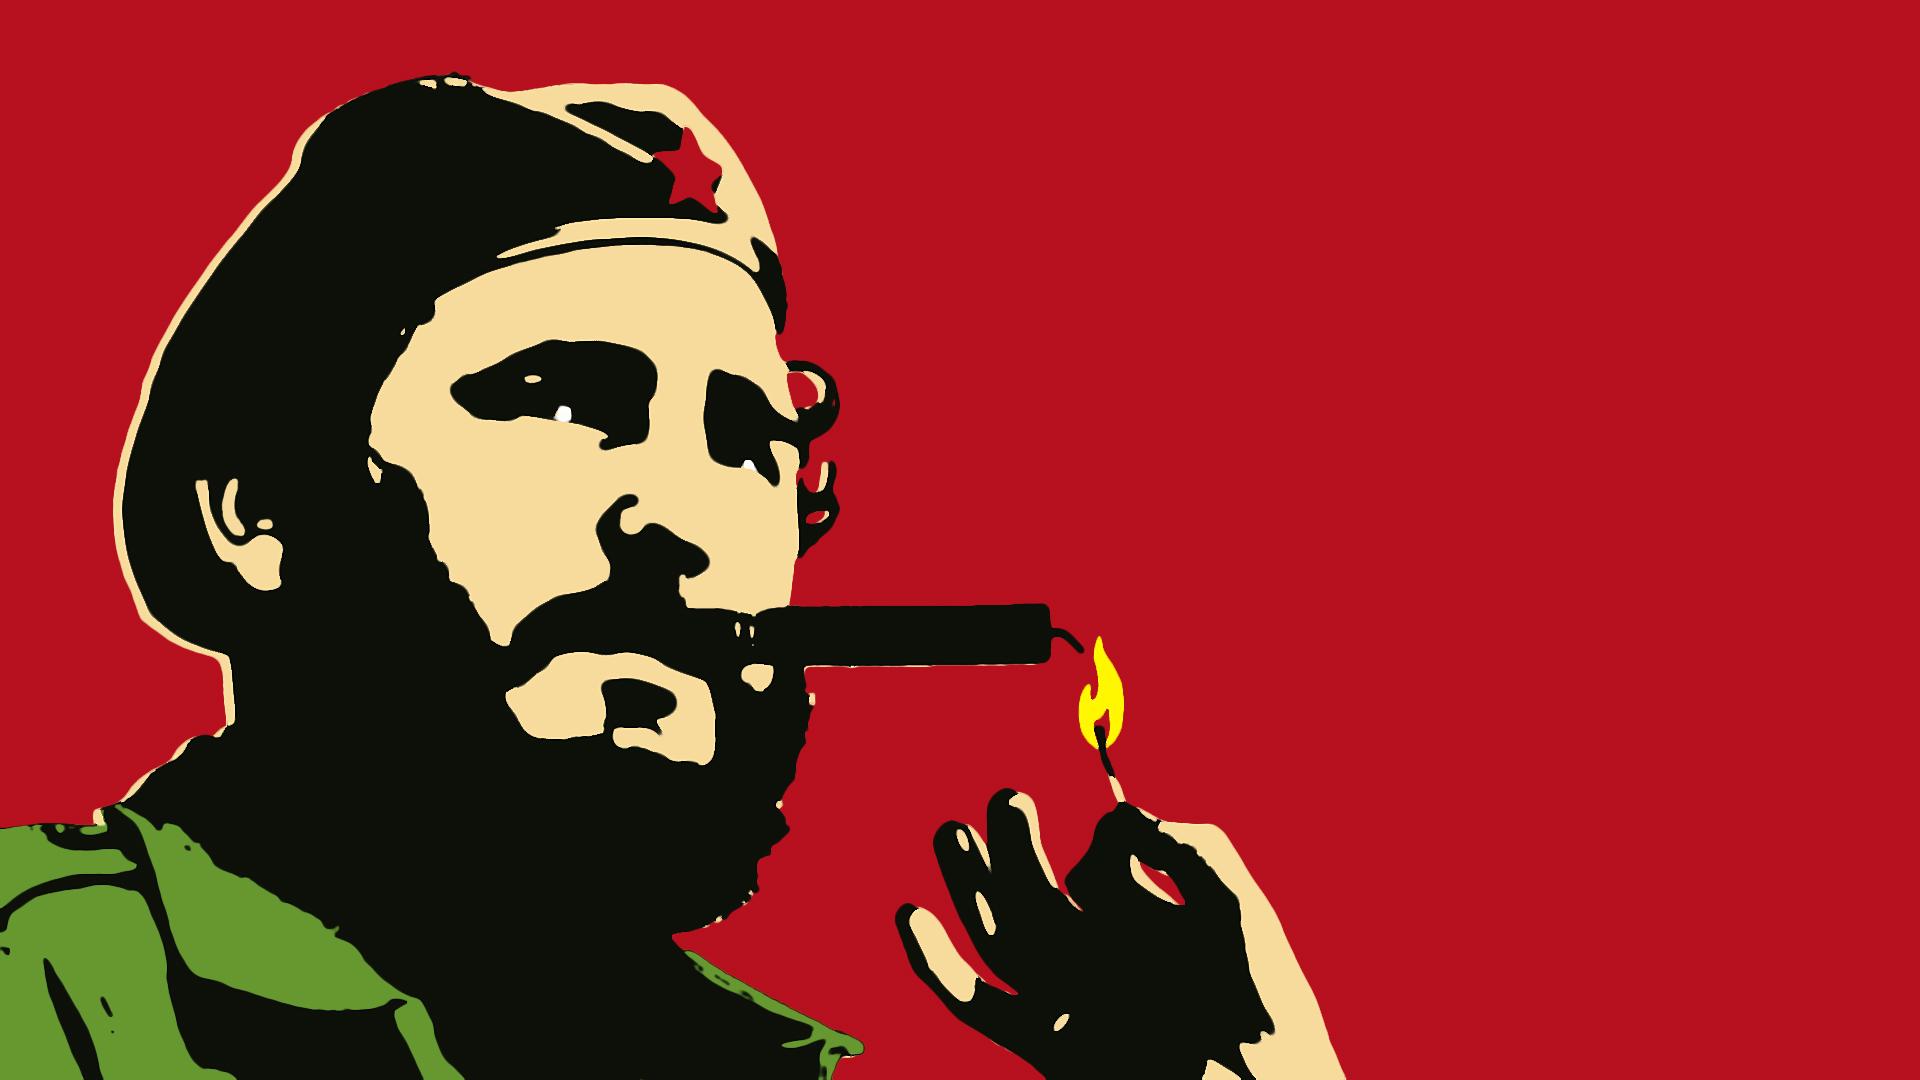 1 638 Ways to Kill Castro Fonds décran HD   Arrière-Plans - Wallpaper Abyss